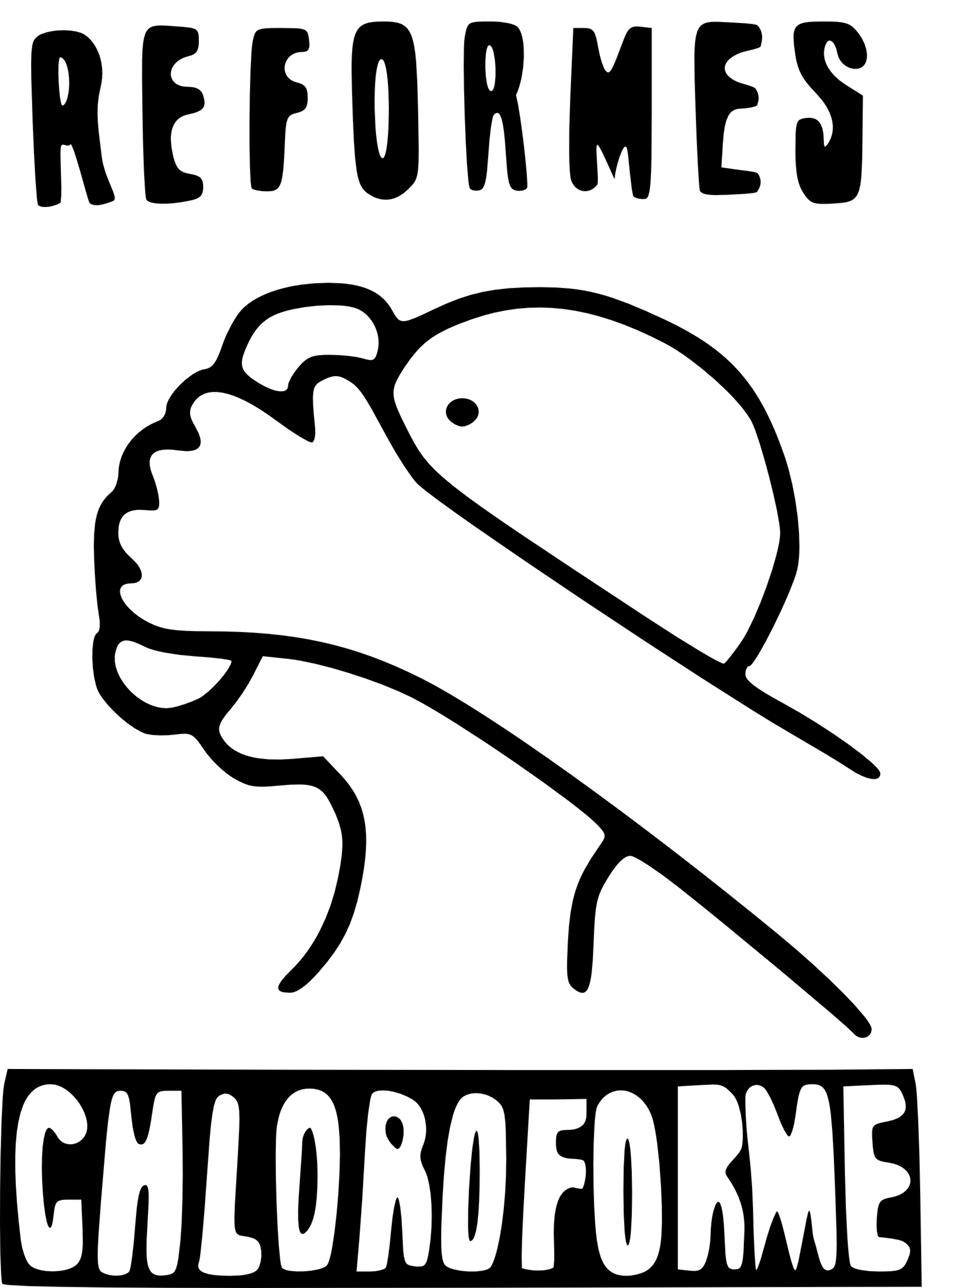 Réformes chloroforme (Reforms chloroform)